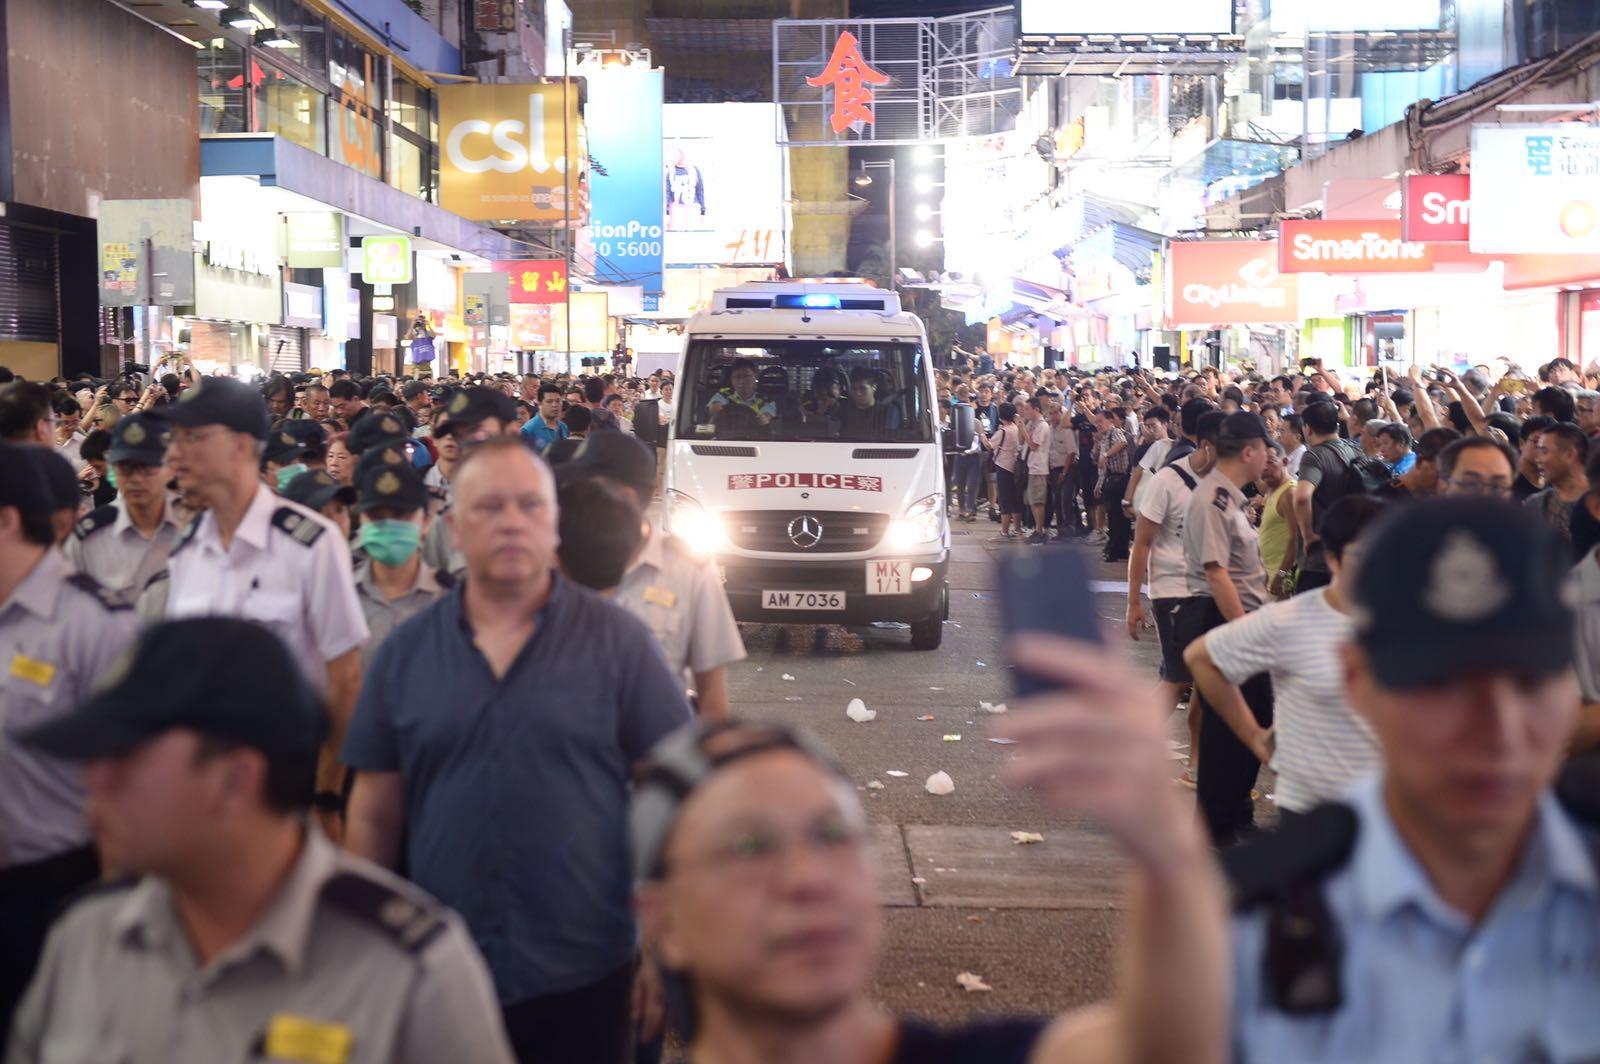 警車駛入菜街,代表擁18年歷史的旺角行人專用區正式曲終人散。蘇正謙攝